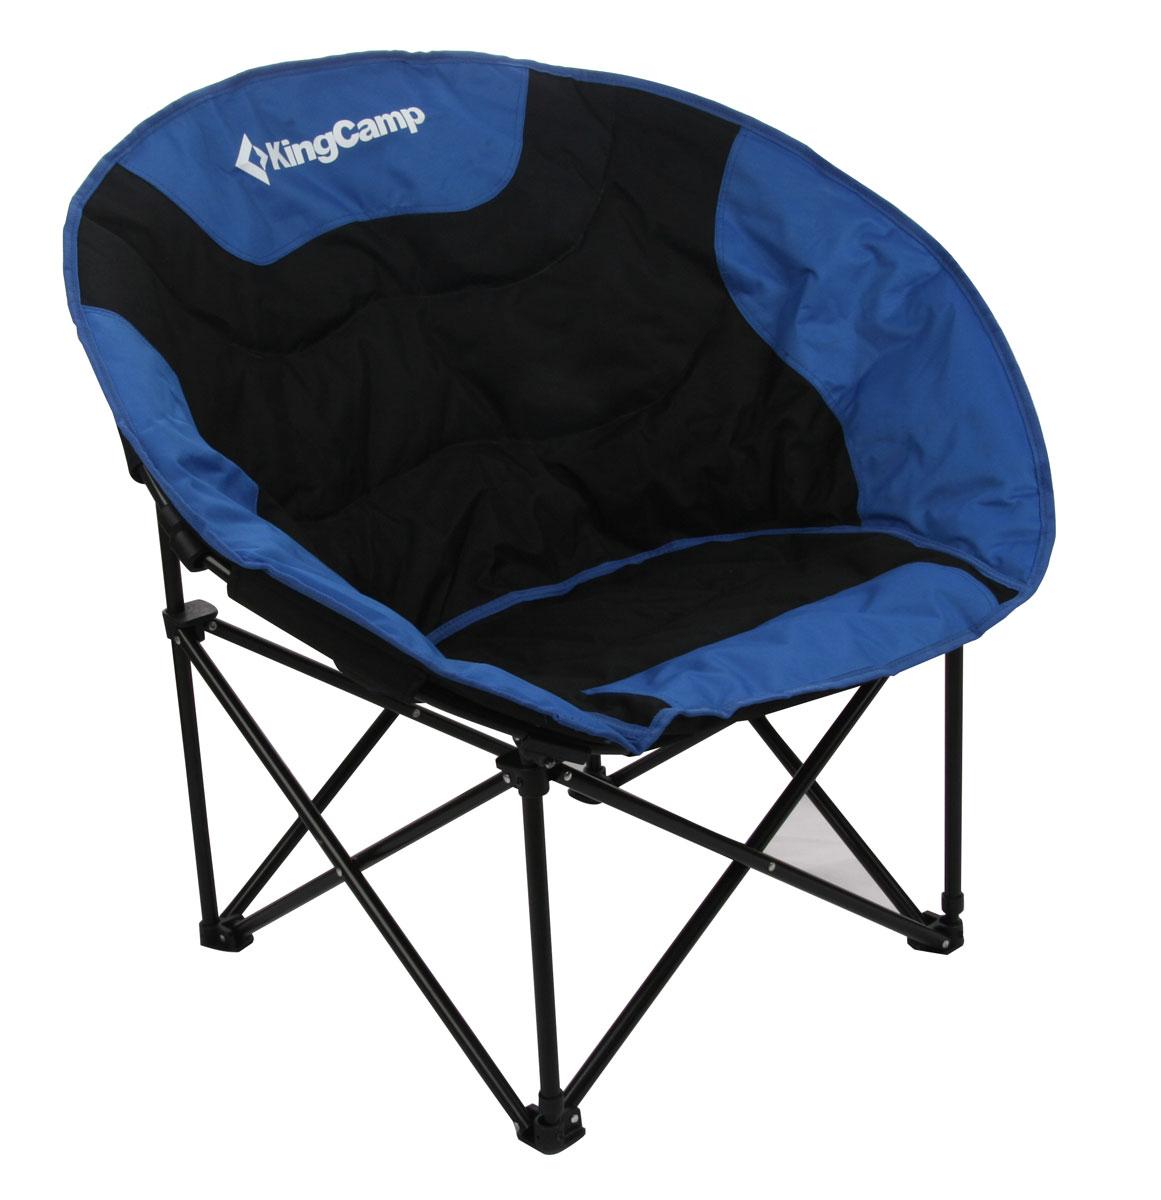 Кресло складное KingCamp Moon Leisure Chair, цвет: синийУТ-000049532Складное круглое кресло KingCamp Moon Leisure Chair с широким сиденьем - незаменимый предмет в походе, на природе, на рыбалке, а также на даче. Кресло имеет прочный металлический каркас и покрытие из текстиля, оно легко собирается и разбирается и не занимает много места, поэтому подходит для транспортировки и хранения дома. Для большего удобства к креслу прилагается чехол для хранения с удобной ручкой.